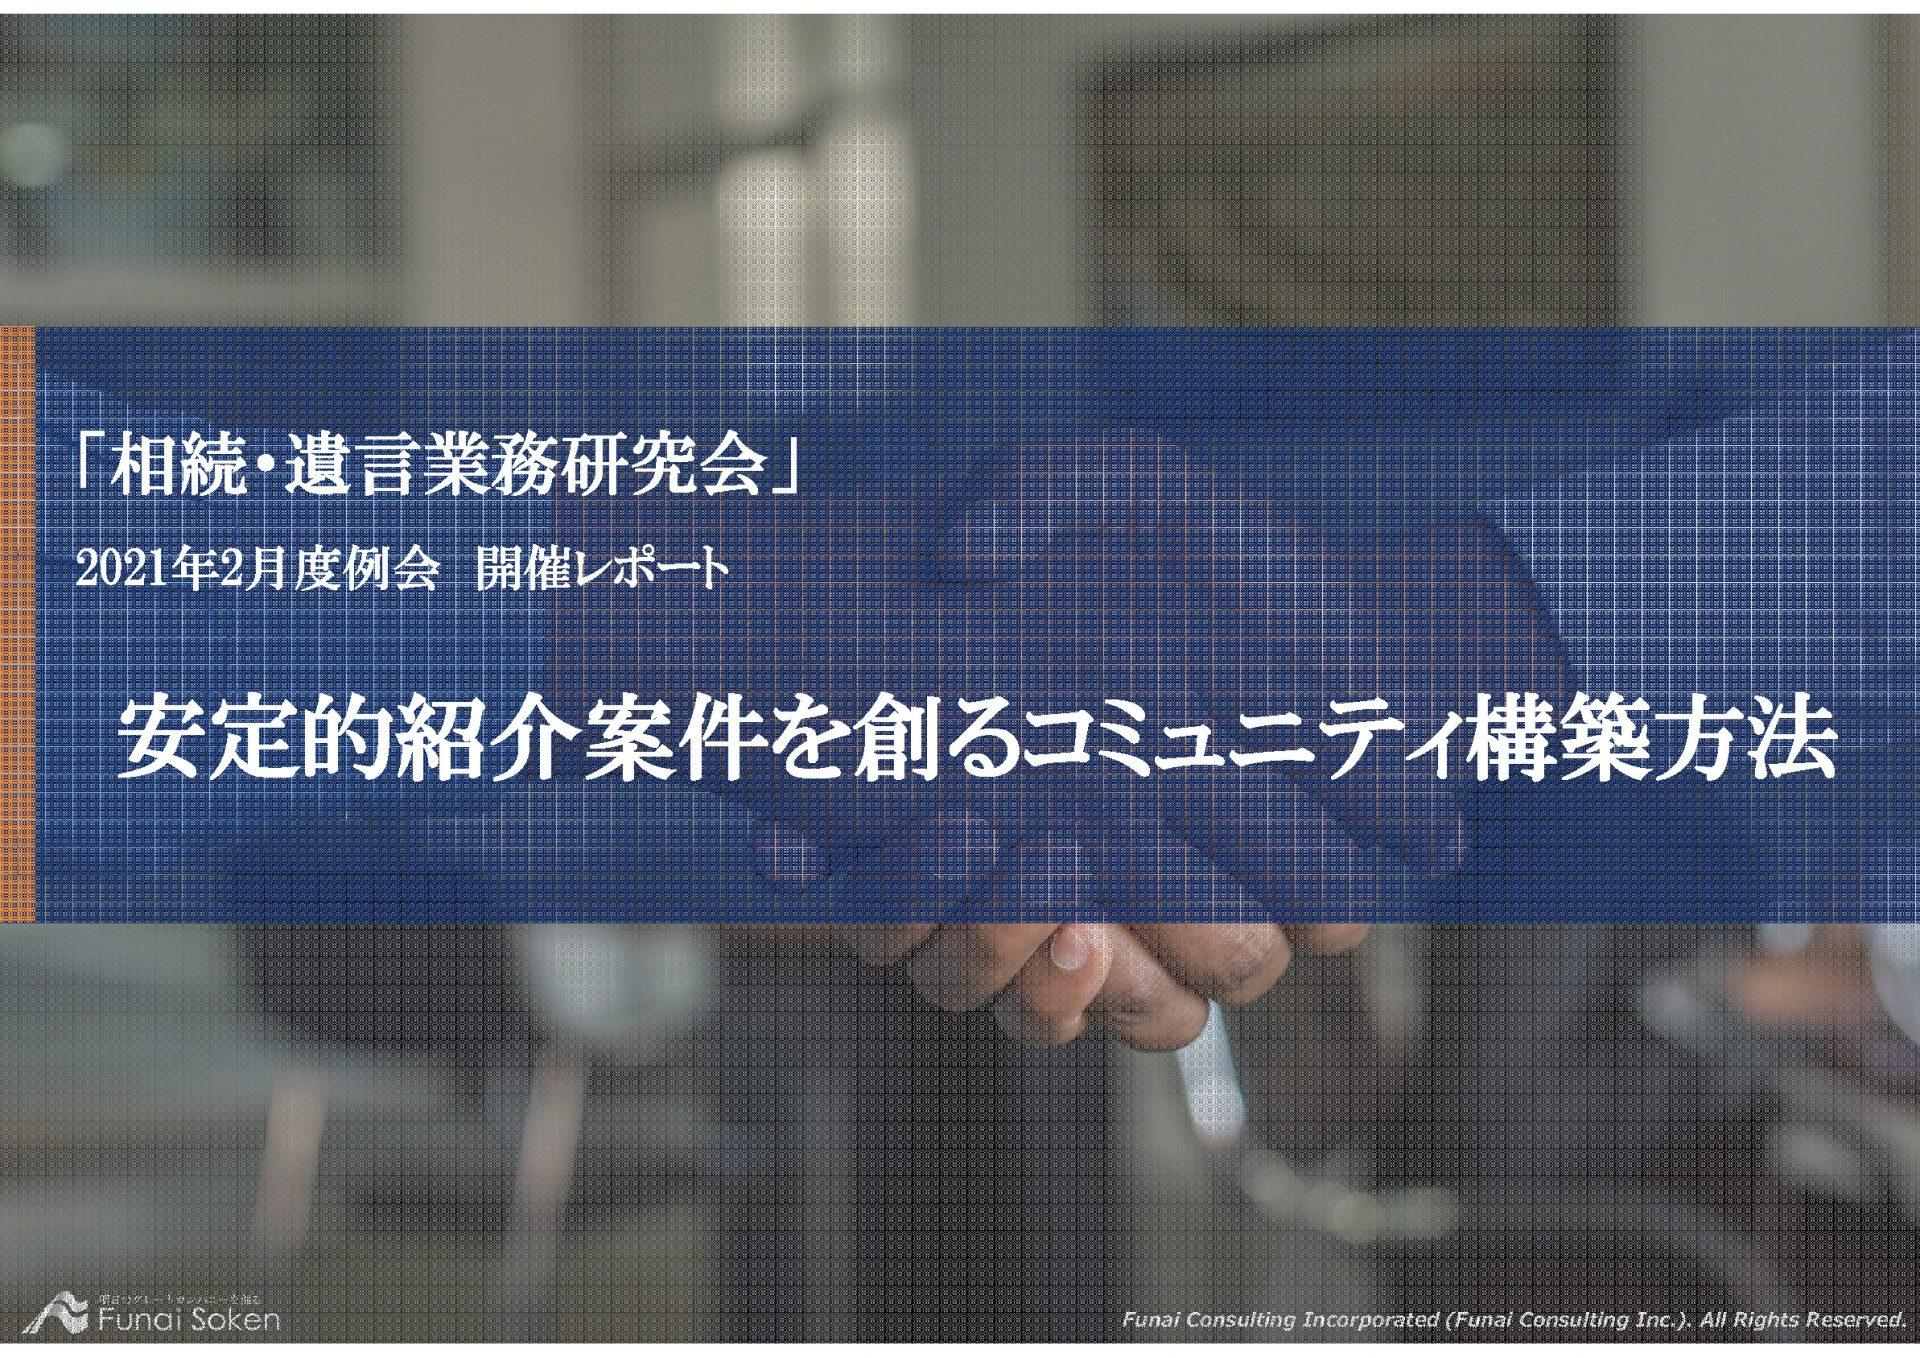 相続・遺言業務研究会2月度レポート イメージ